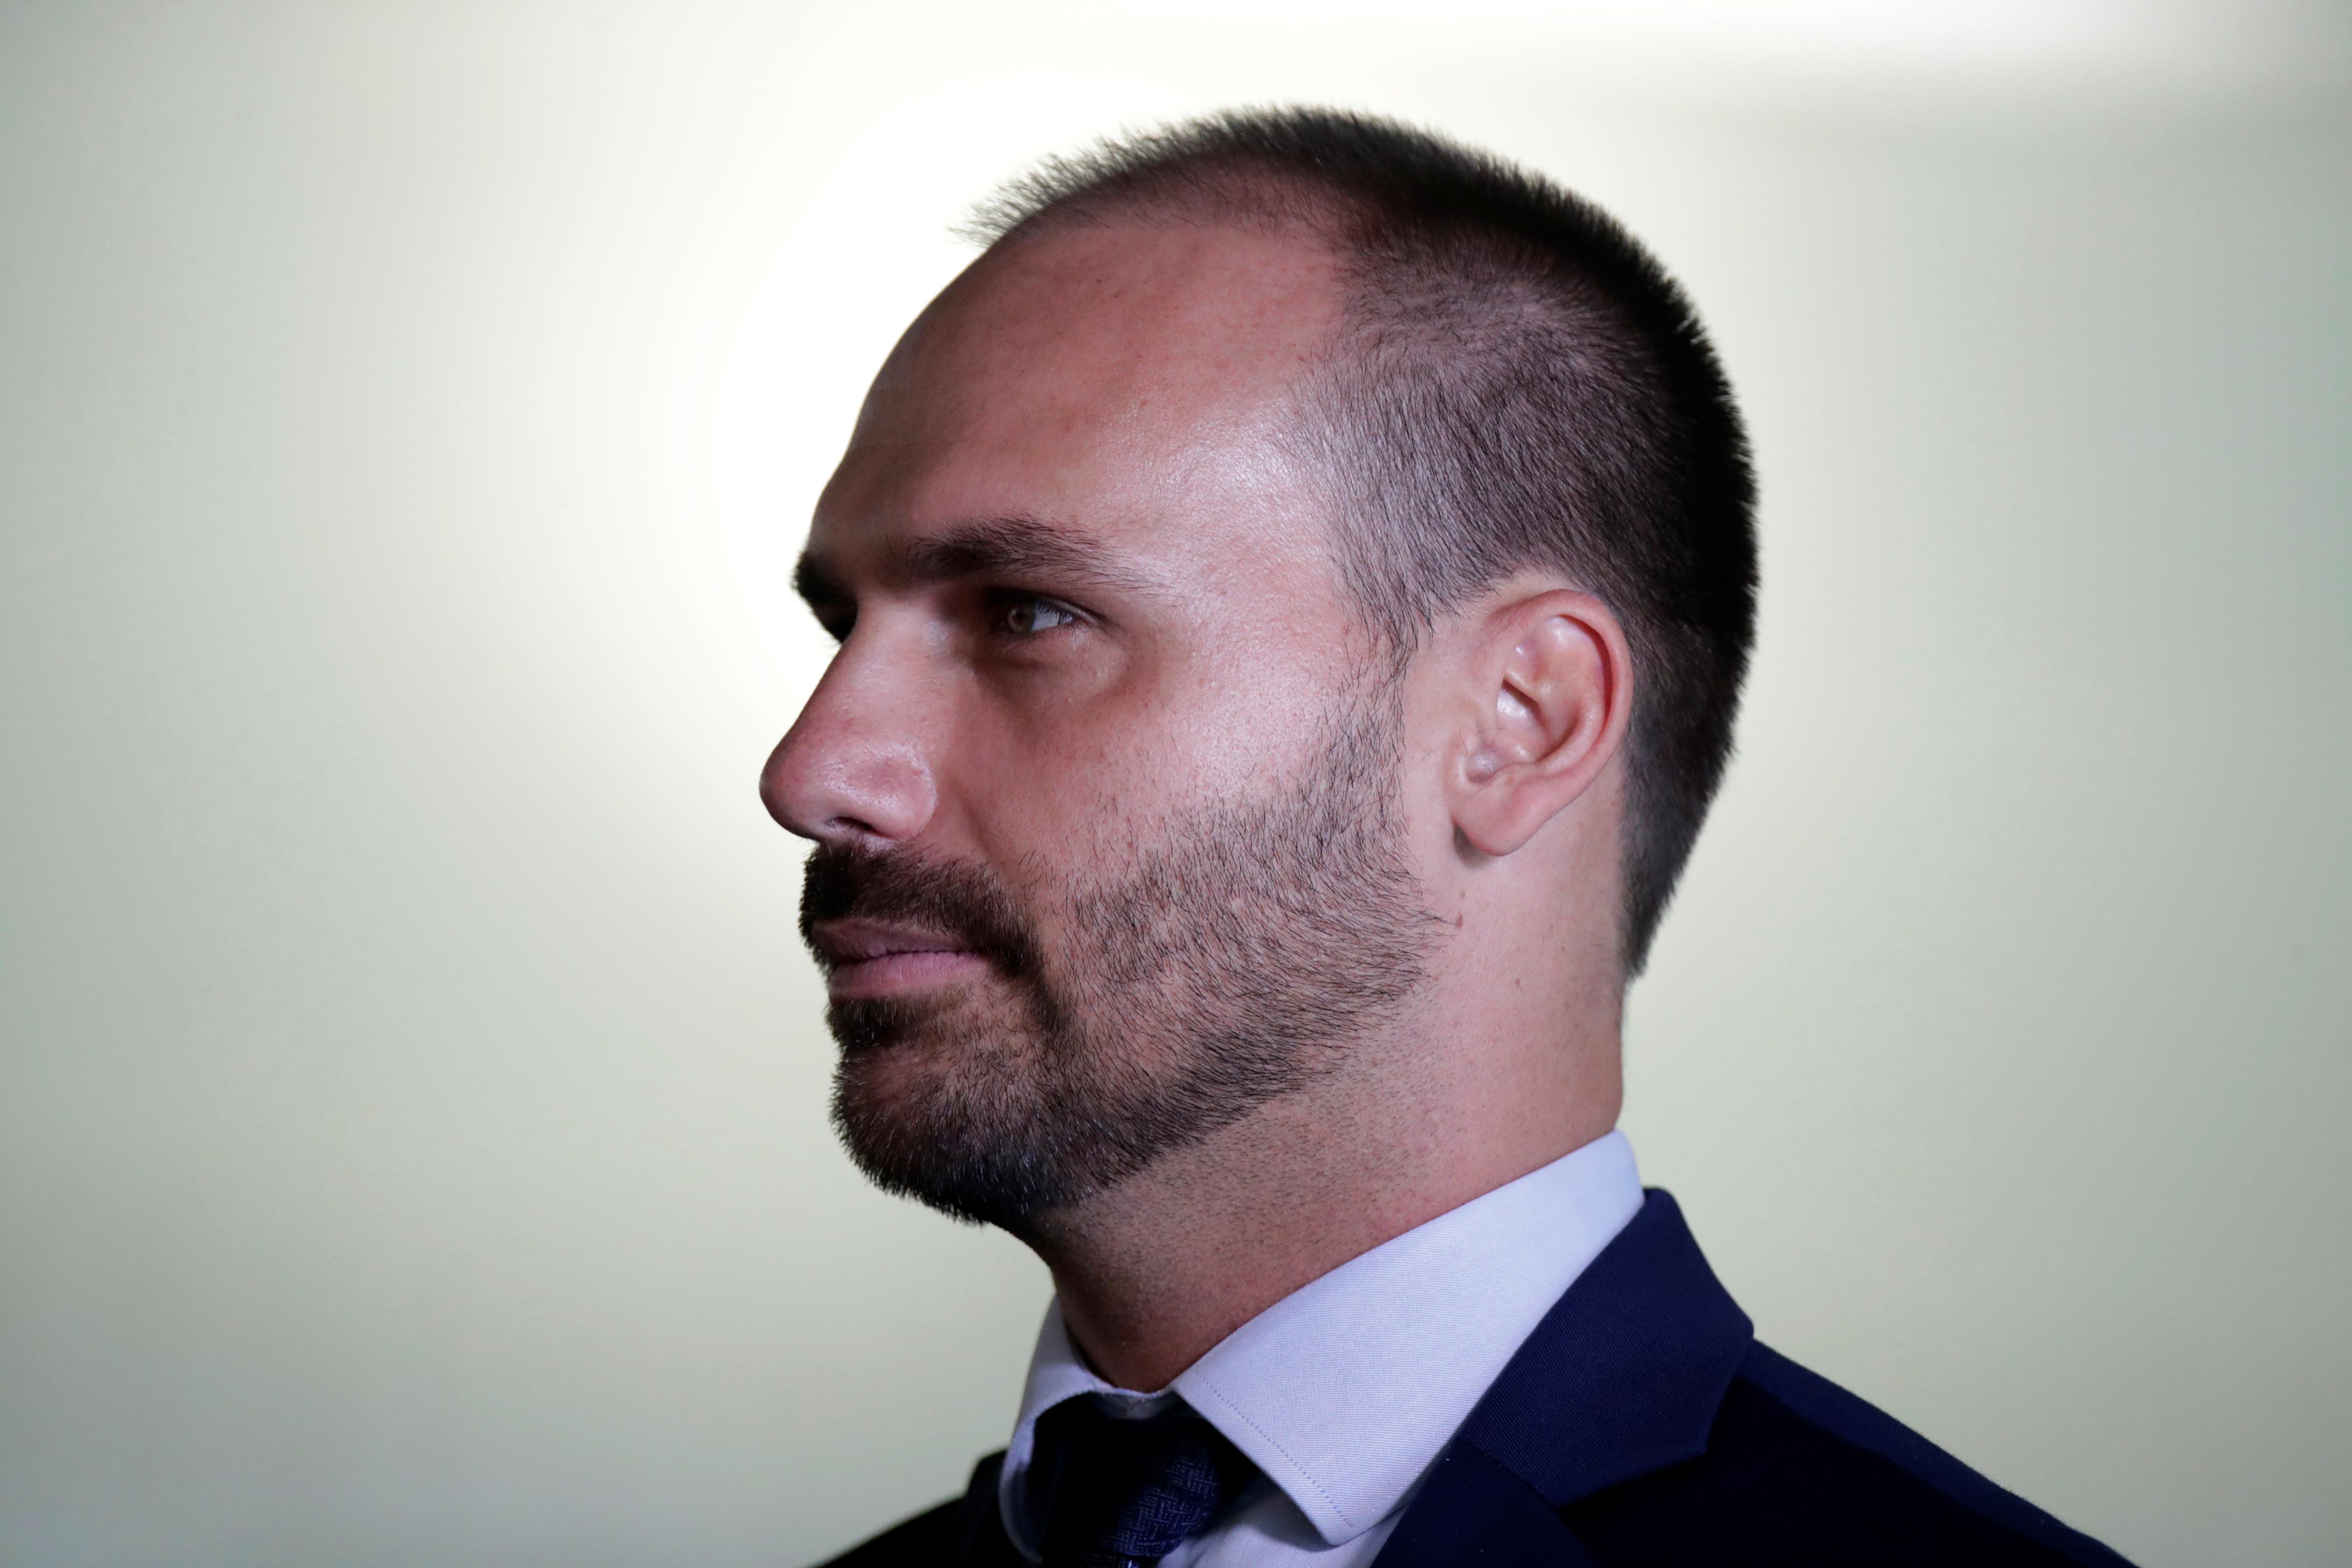 Online: filhos de Bolsonaro lideram lista de influenciadores de direita